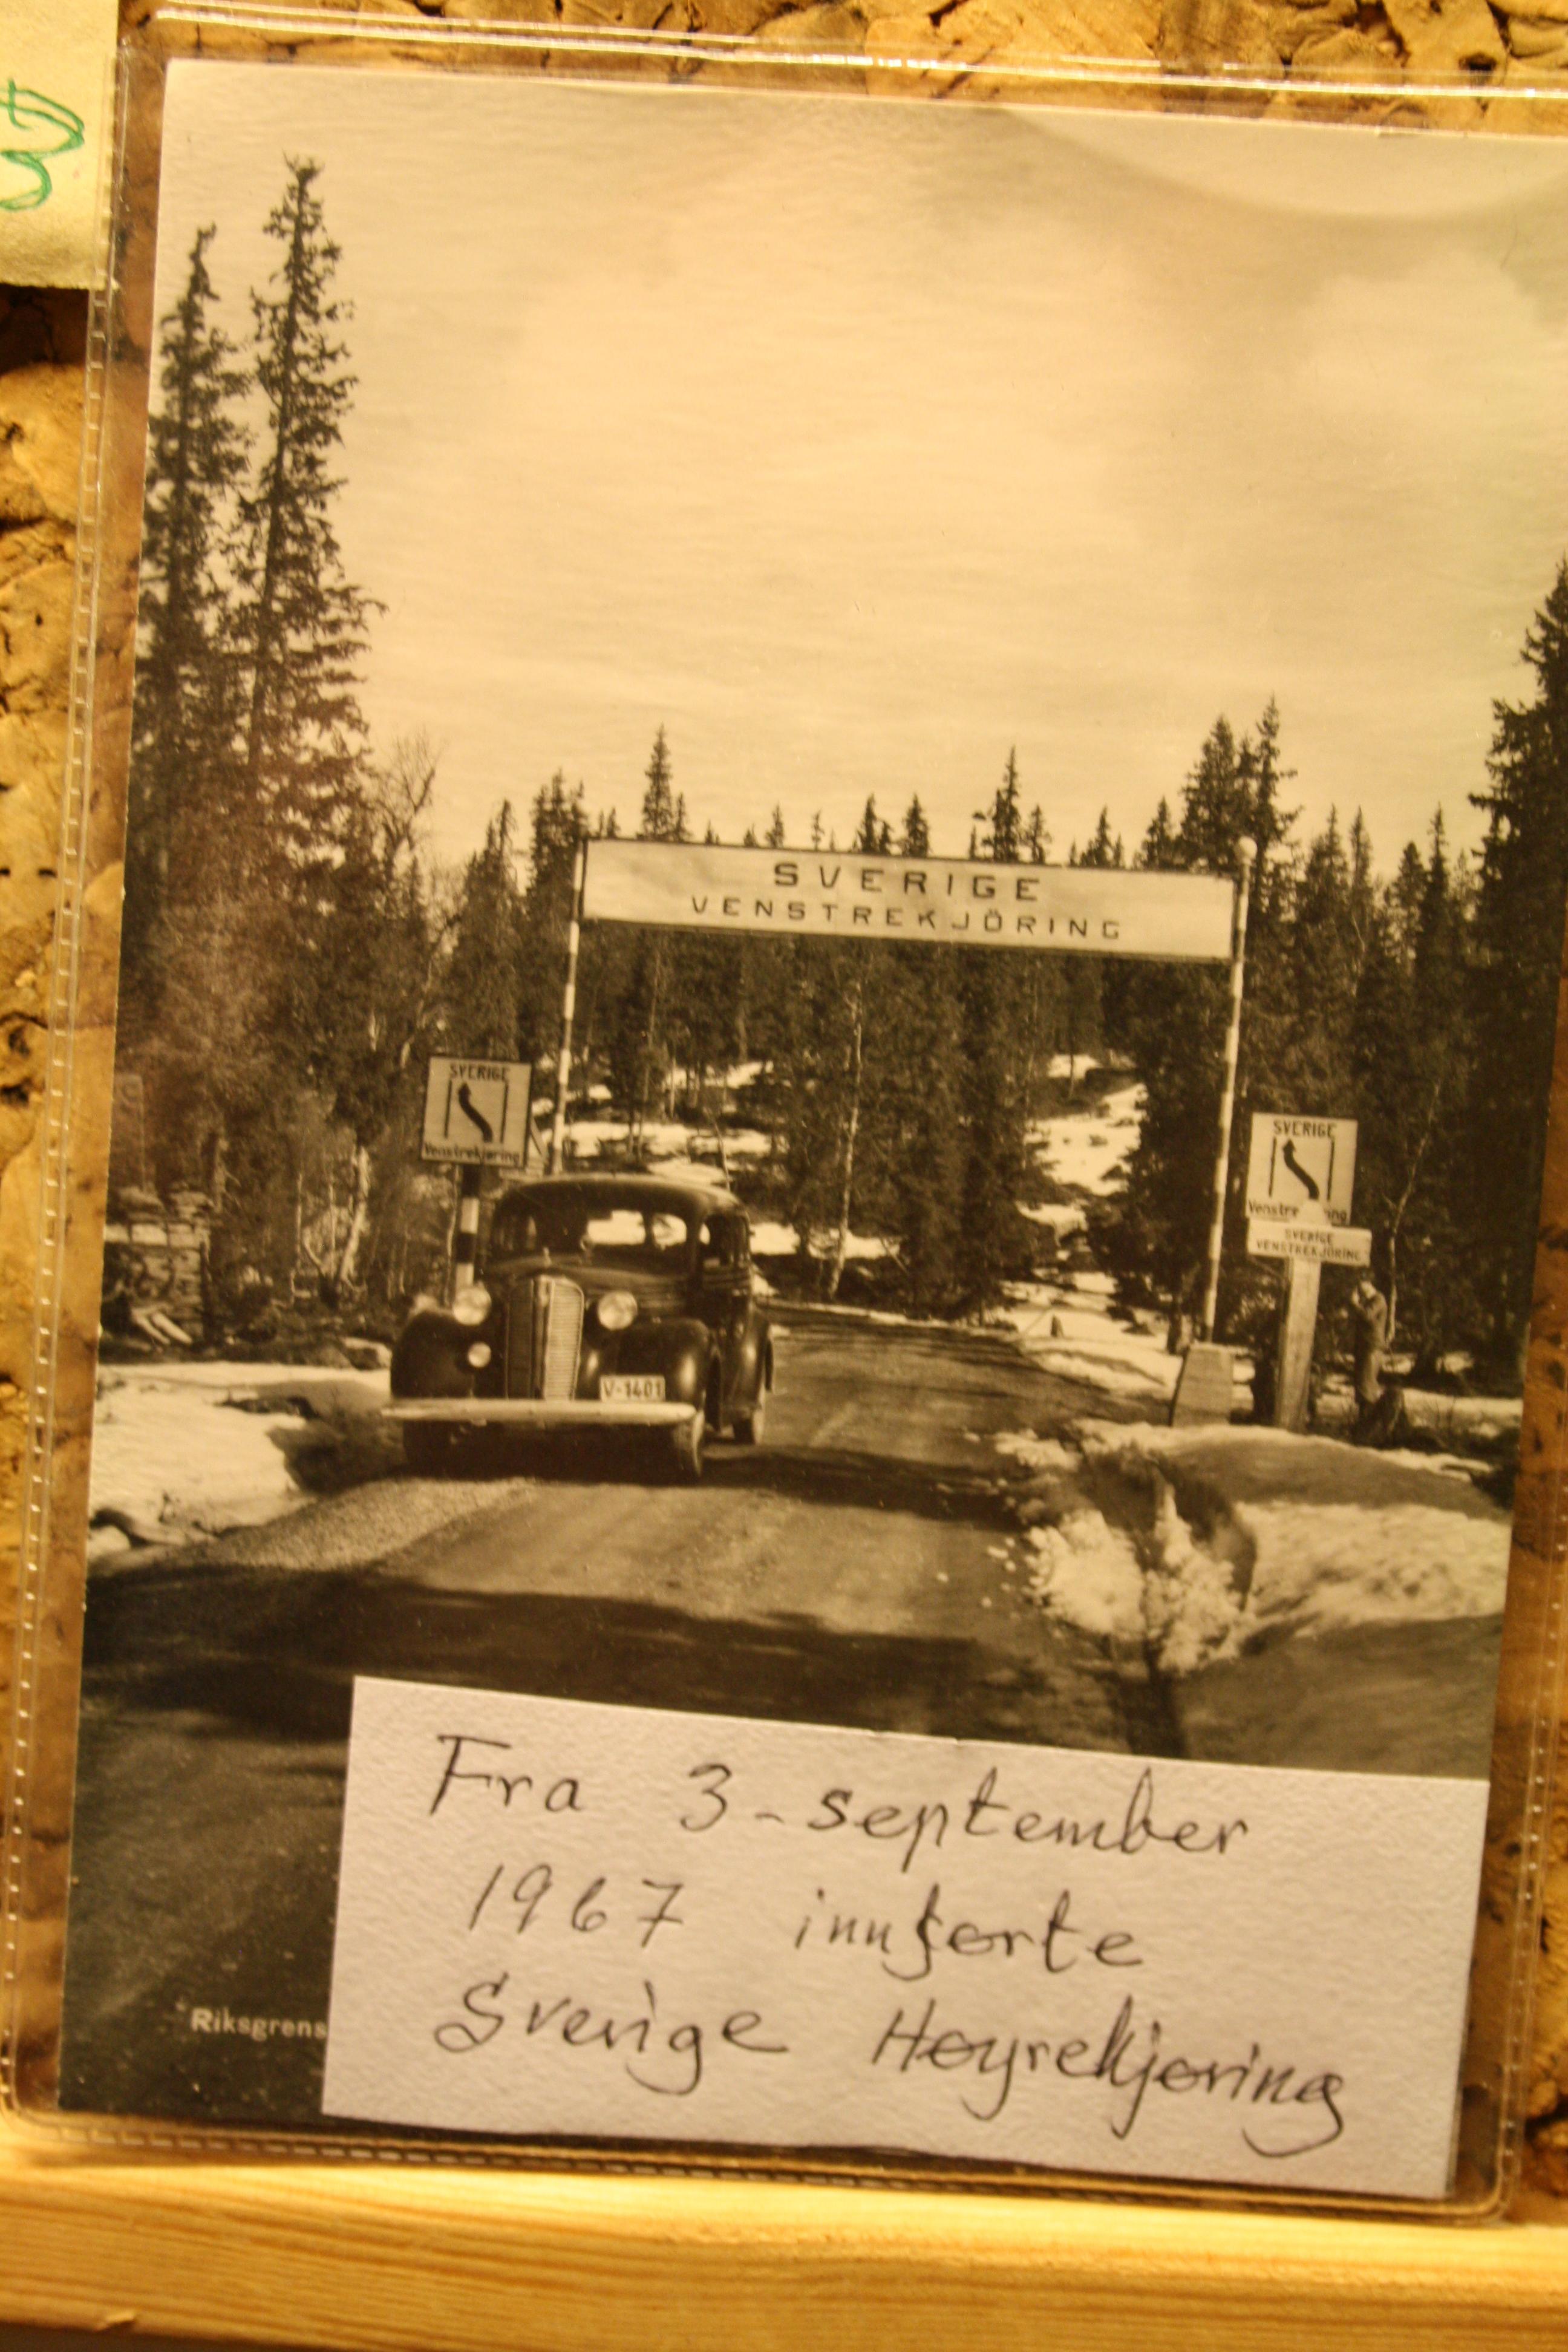 29 Fra 3 september 1967 begynte svenskene med høyr